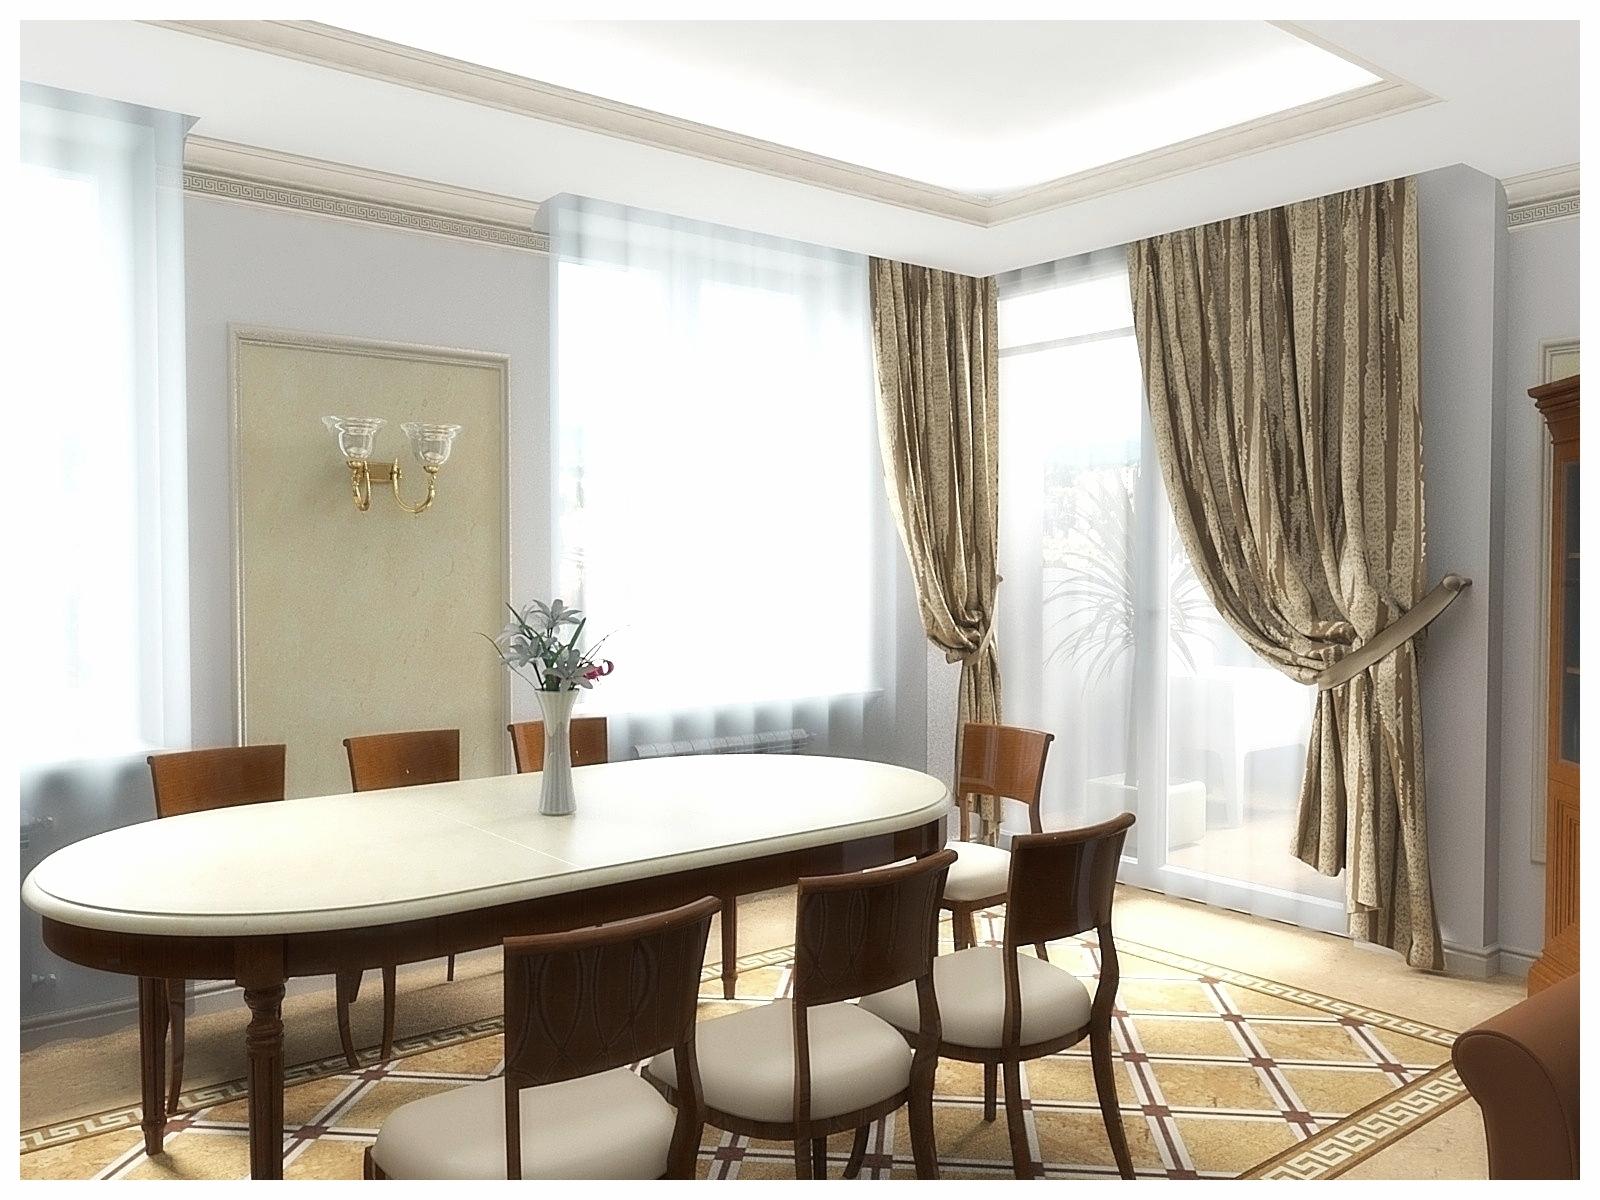 Дизайн интерьеров квартир. Кухня-столовая 2.